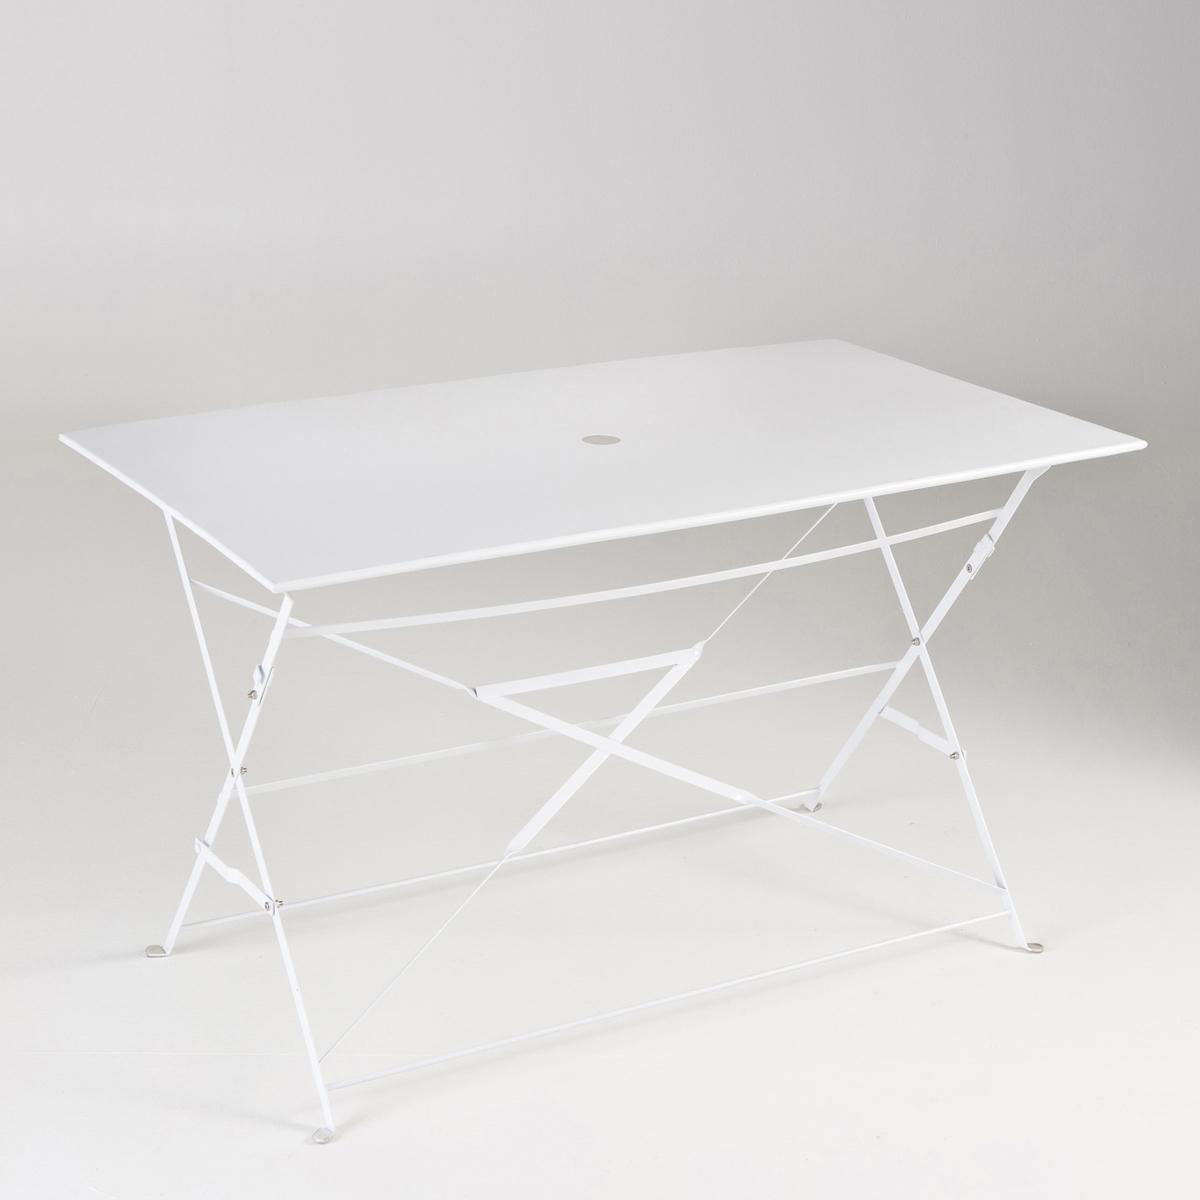 Стол прямоугольный складной из металлаХарактеристики стола из металла :Метал с ярким лакированным покрытием*.- Финальная отделка эпоксидным лаком.Центральное отверстие для зонта ?5 см.Стол продается готовым к сборке.Размеры стола из металла:Ширина: 120 смВысота: 70 смГлубина: 70 смТолщина в сложенном виде: 5 см.*Металл с антикоррозийной обработкой и покрытием эпоксидной эмалью делает этот столик  удобным  в использовании и устойчивым к ржавчине и неблагоприятным погодным условиям. Легкий, просто перемещать и хранить.Доставка:Стол продается готовым к сборке. Доставка на дом с возможностью подъёма на этаж!Внимание! Убедитесь, что товар возможно доставить на дом, учитывая его габариты (проходит в двери, по лестницам, в лифты).<br><br>Цвет: белый